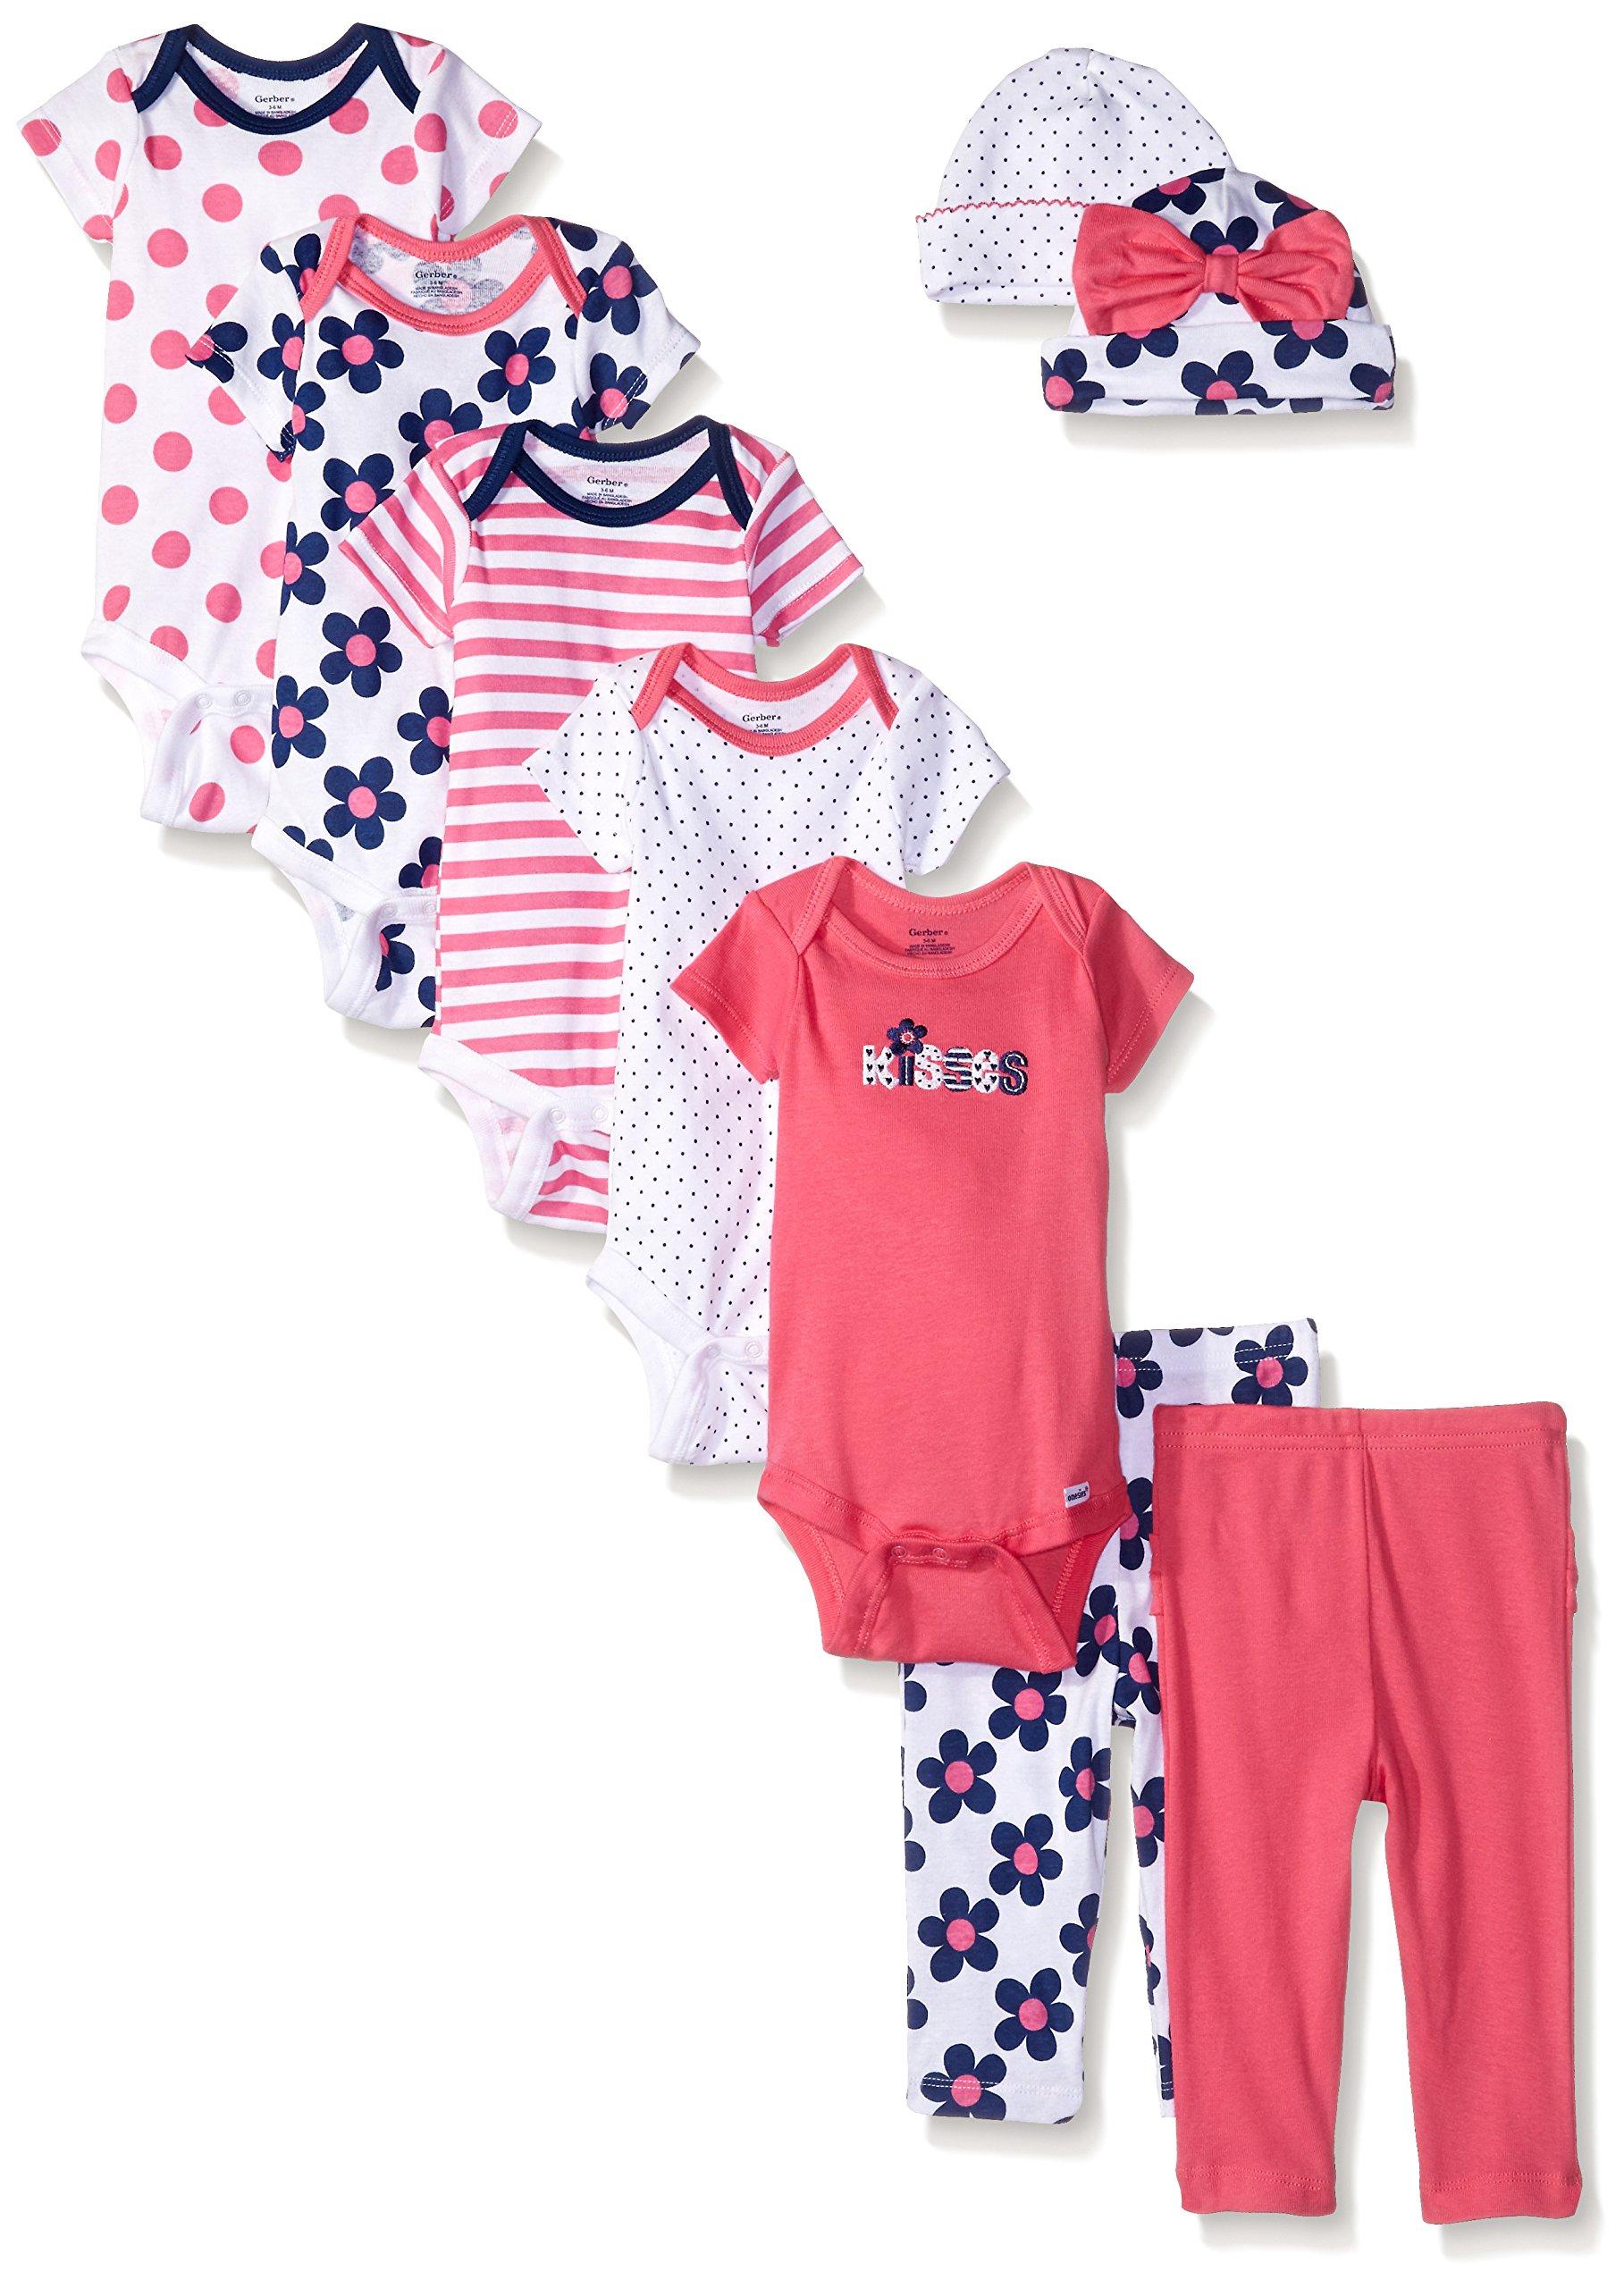 Gerber Baby 9 Piece Playwear Gift Set, Flower, 3-6 Months